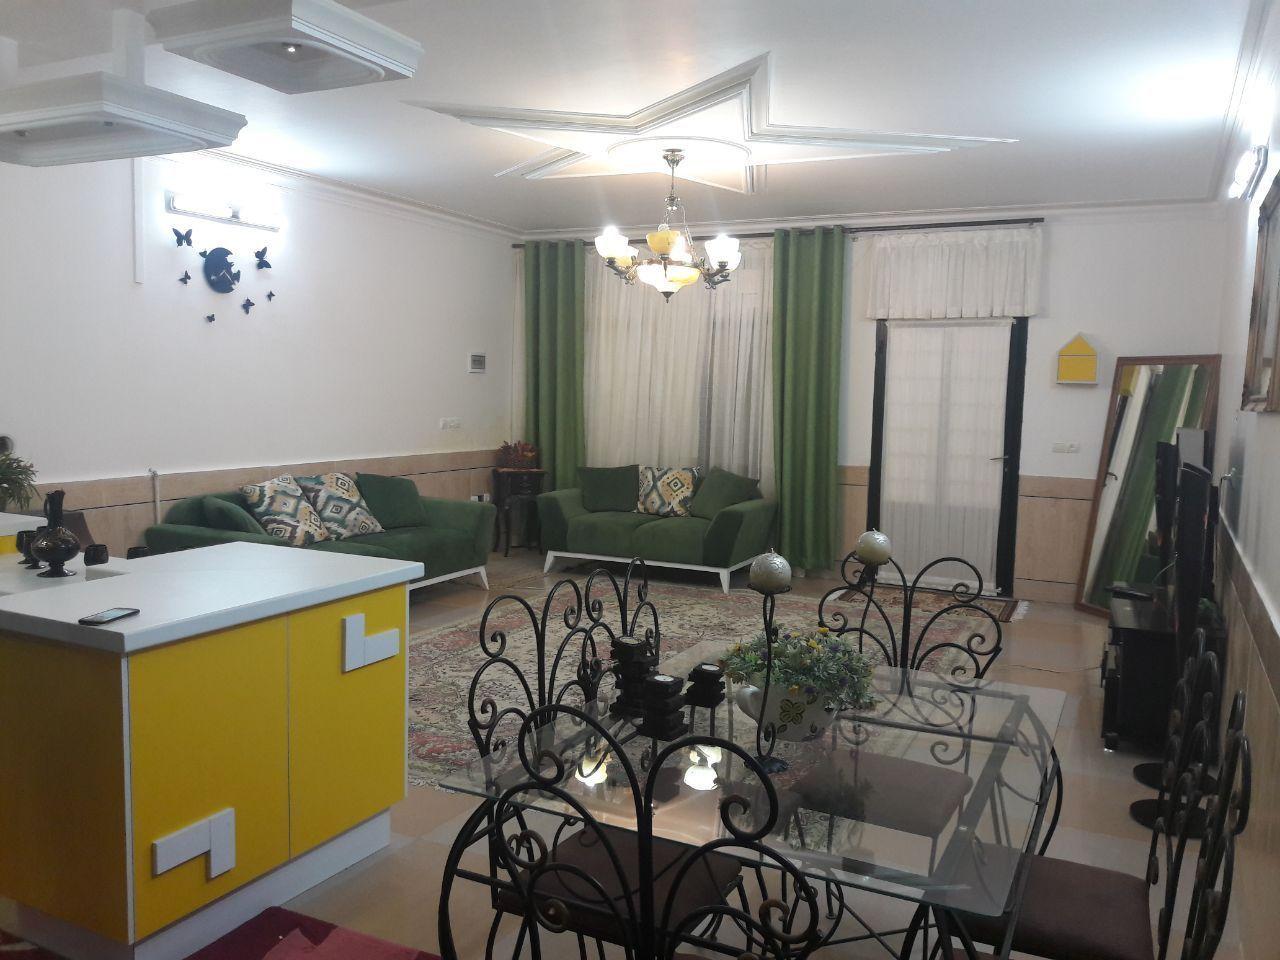 اجاره منزل مبله در کاشان-کد ۱۶۰